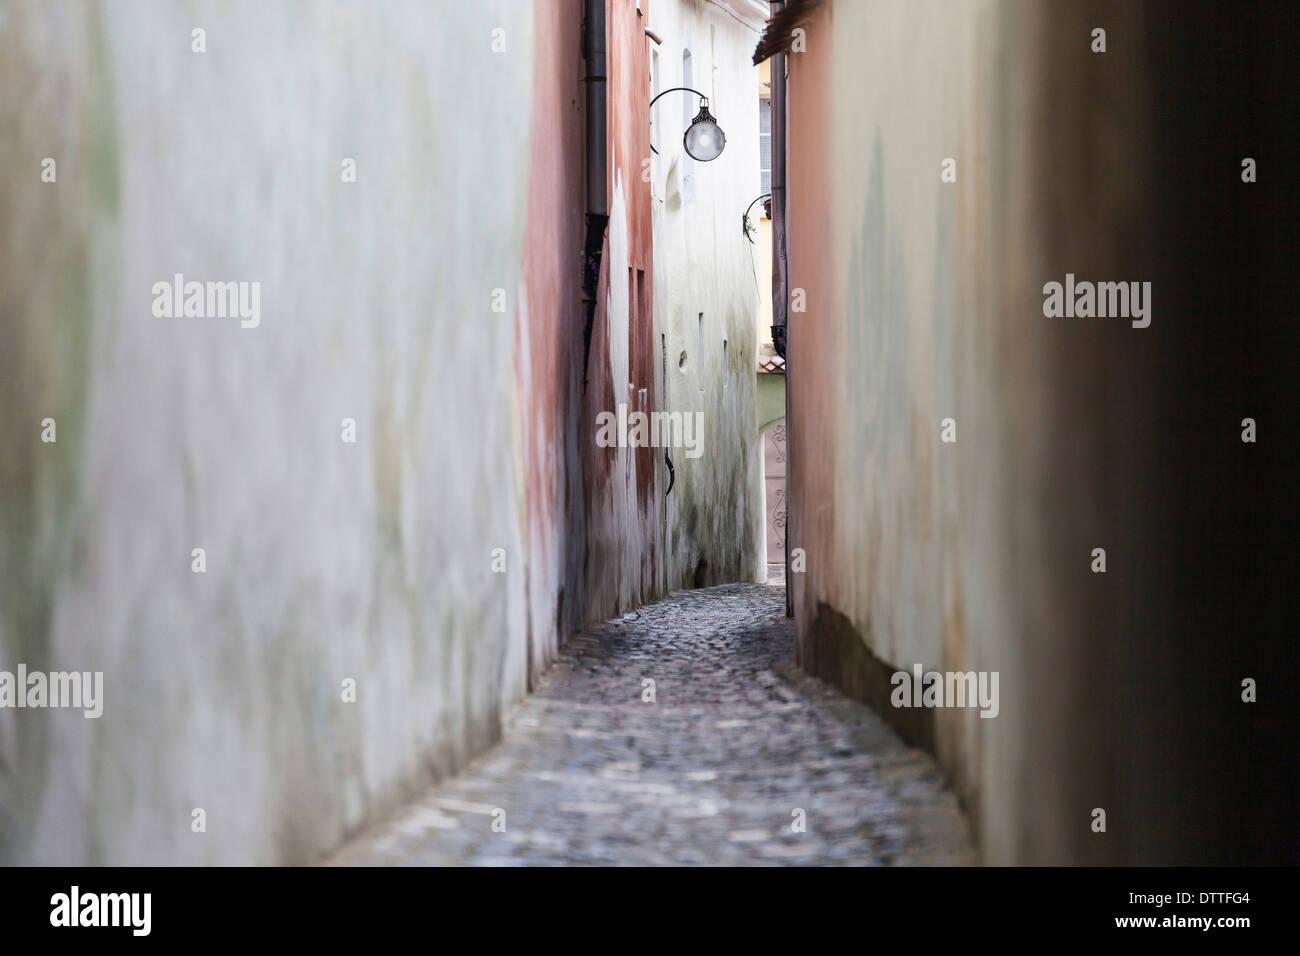 Des lampadaires suspendus dans alley Photo Stock